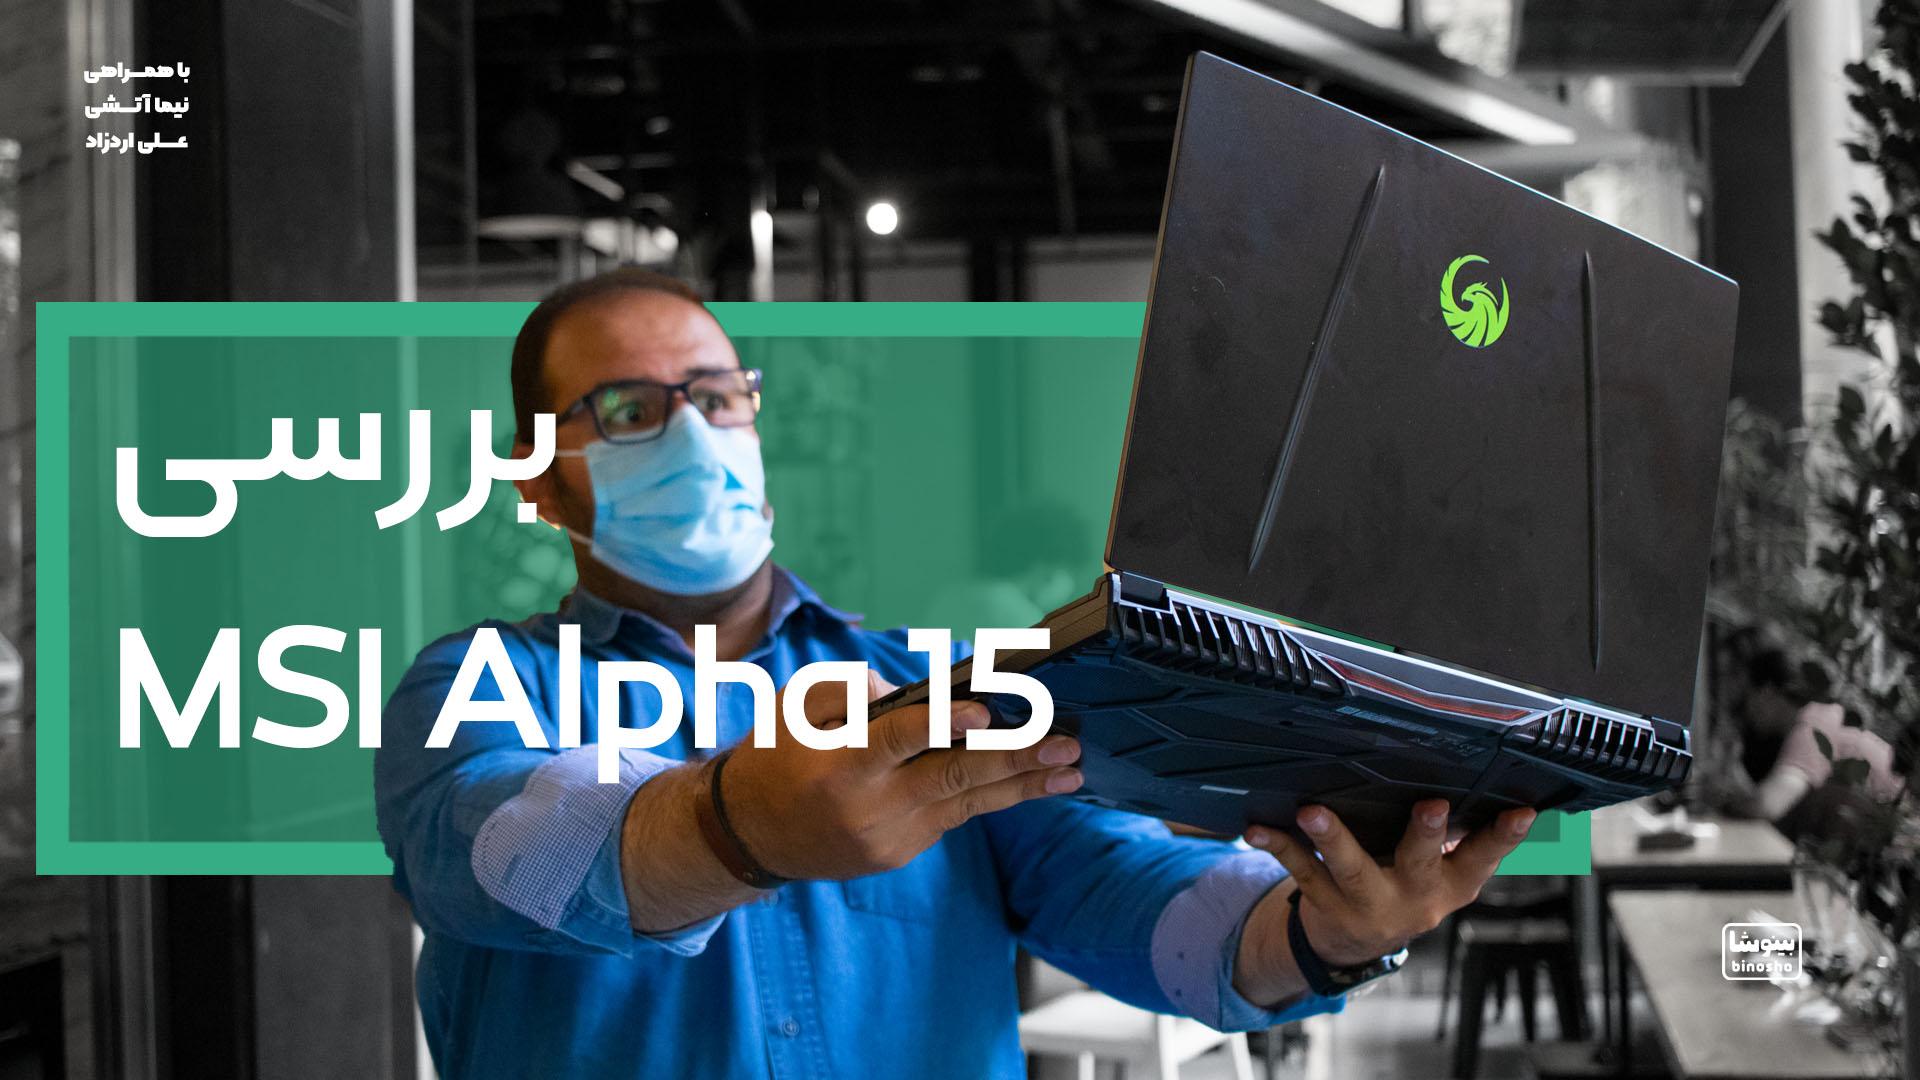 بررسی لپ تاپ گیمینگ ام اس آی آلفا ۱۵ (یکی از بهترین لپ تاپهای میانرده بازار) | MSI Alpha 15 Review